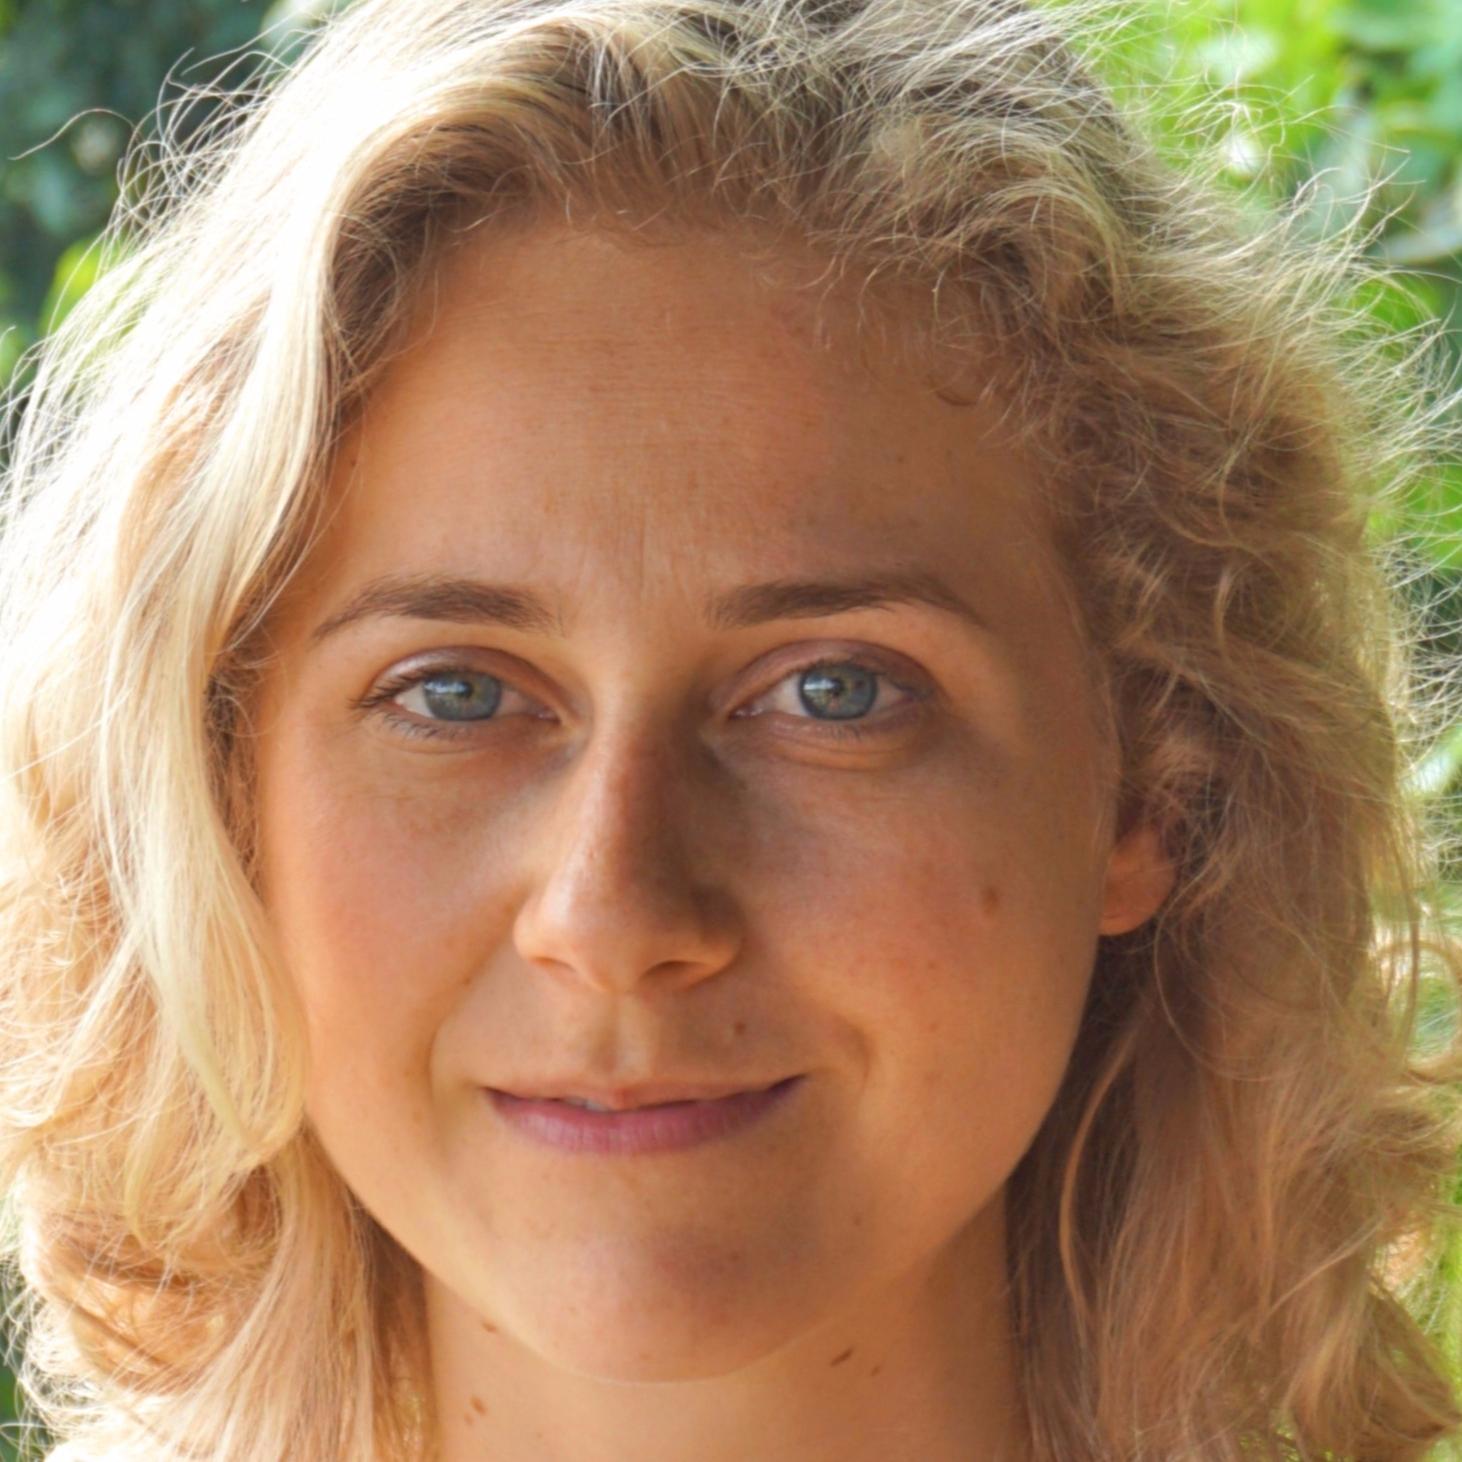 Amala Kremmel-Klep